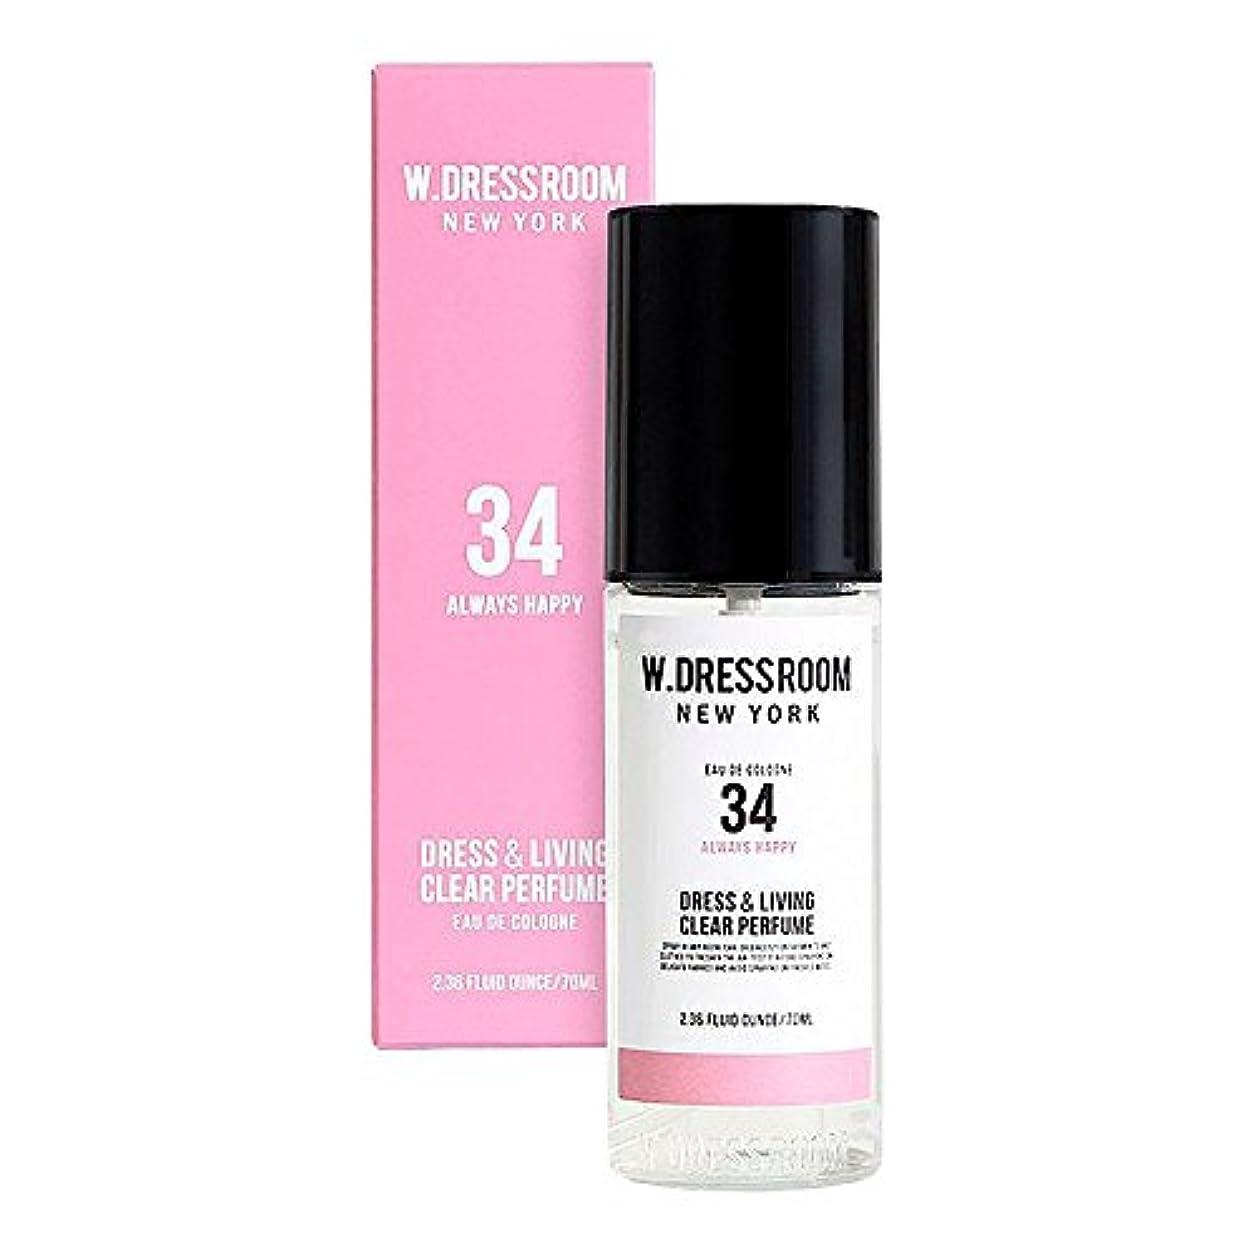 露頑張る怖がって死ぬW.DRESSROOM Dress & Living Clear Perfume fragrance 70ml (#No.34 Always Happy)/ダブルドレスルーム ドレス&リビング クリア パフューム 70ml...